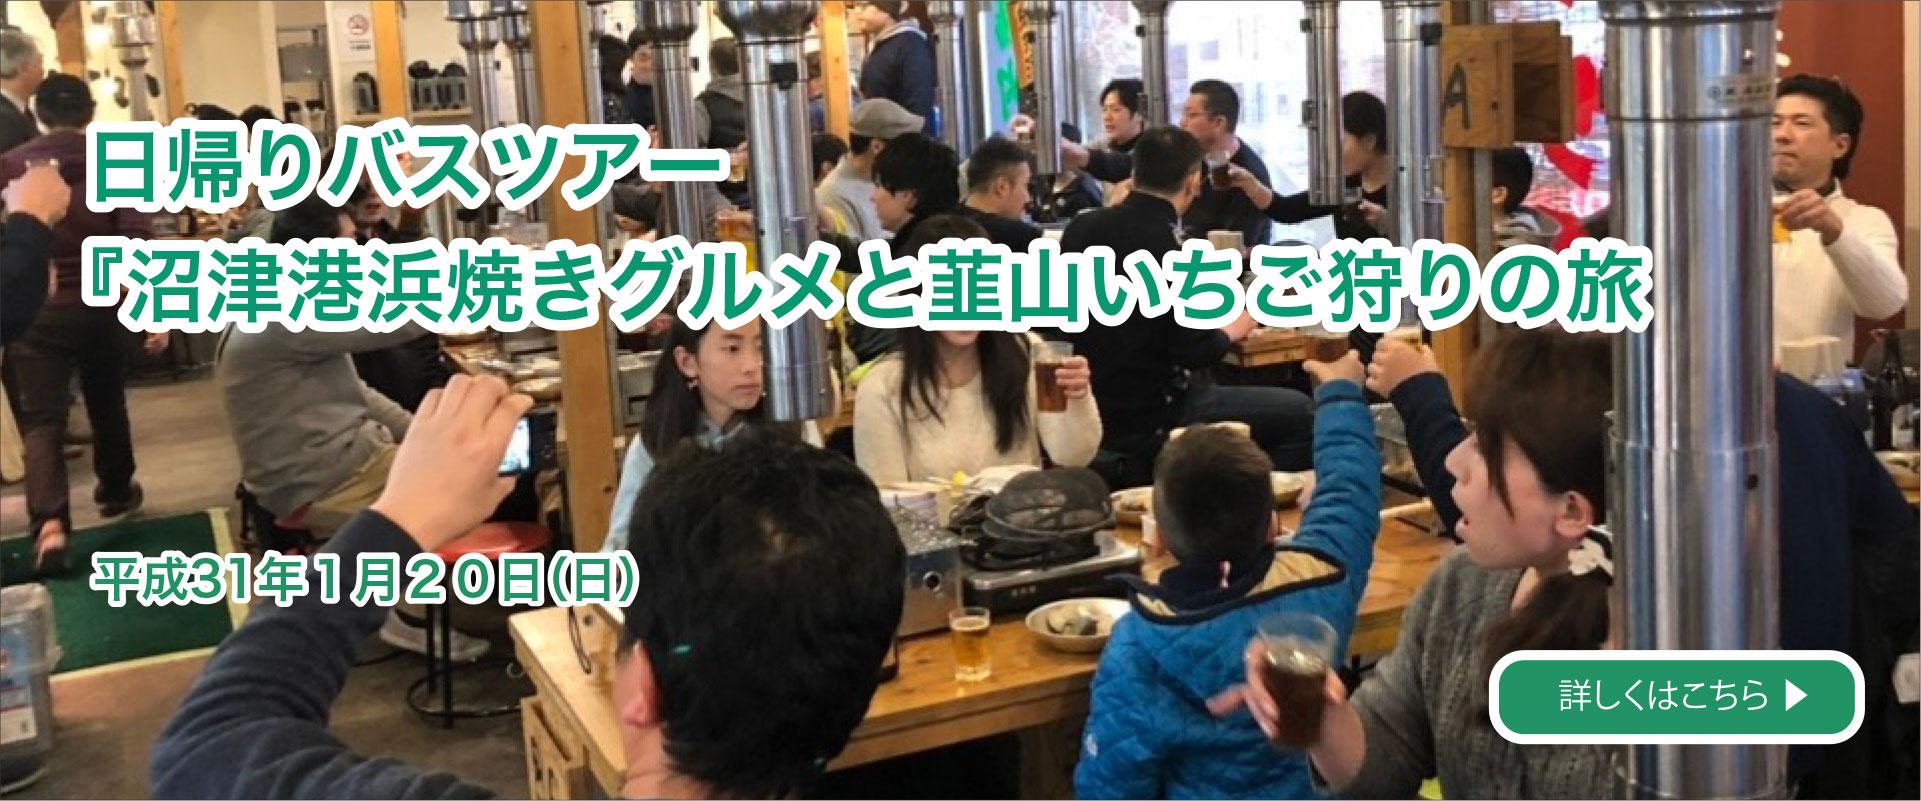 1 月 20 日 新春日帰りバスツアー